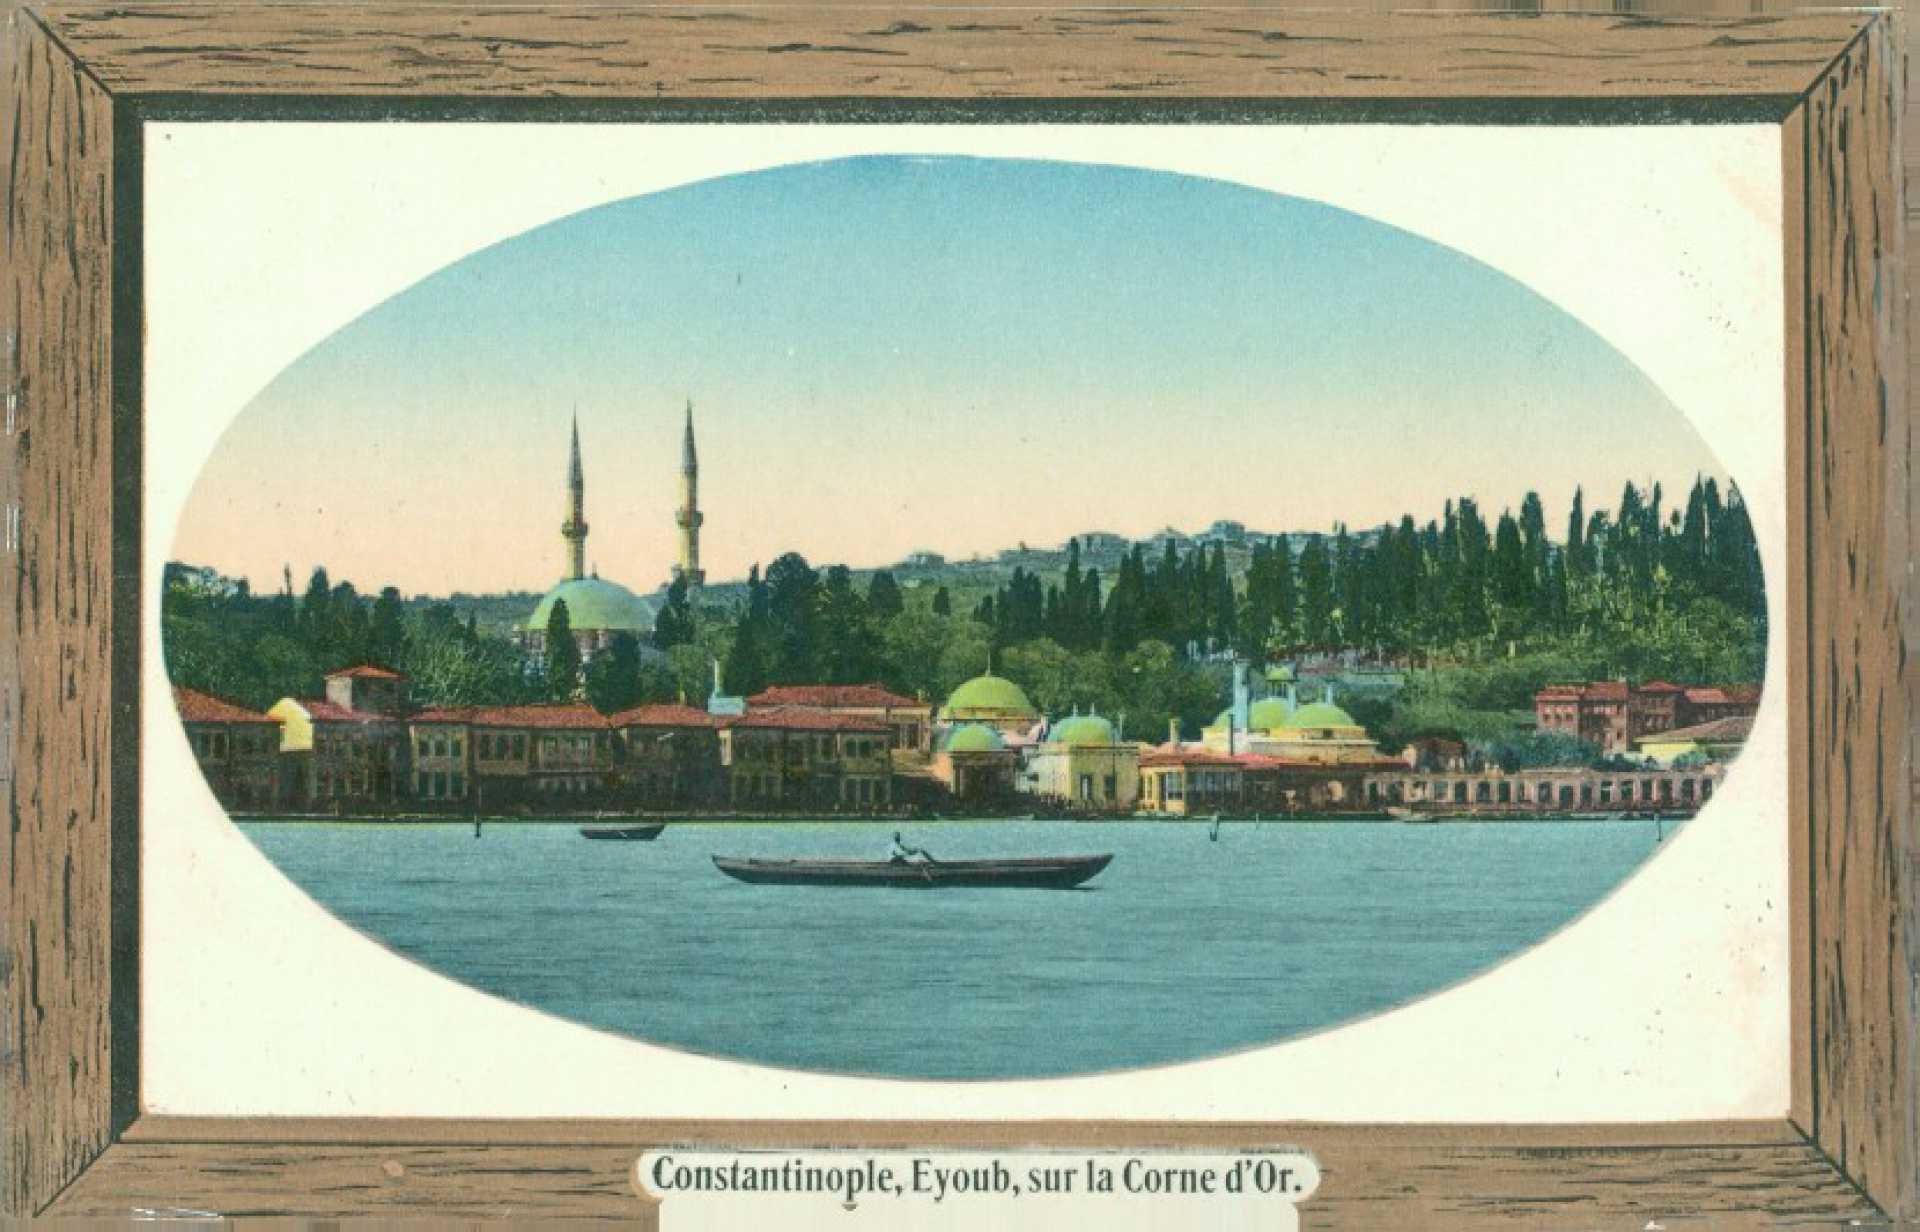 Constantinople. Eyoub. sur la Corne d'Or